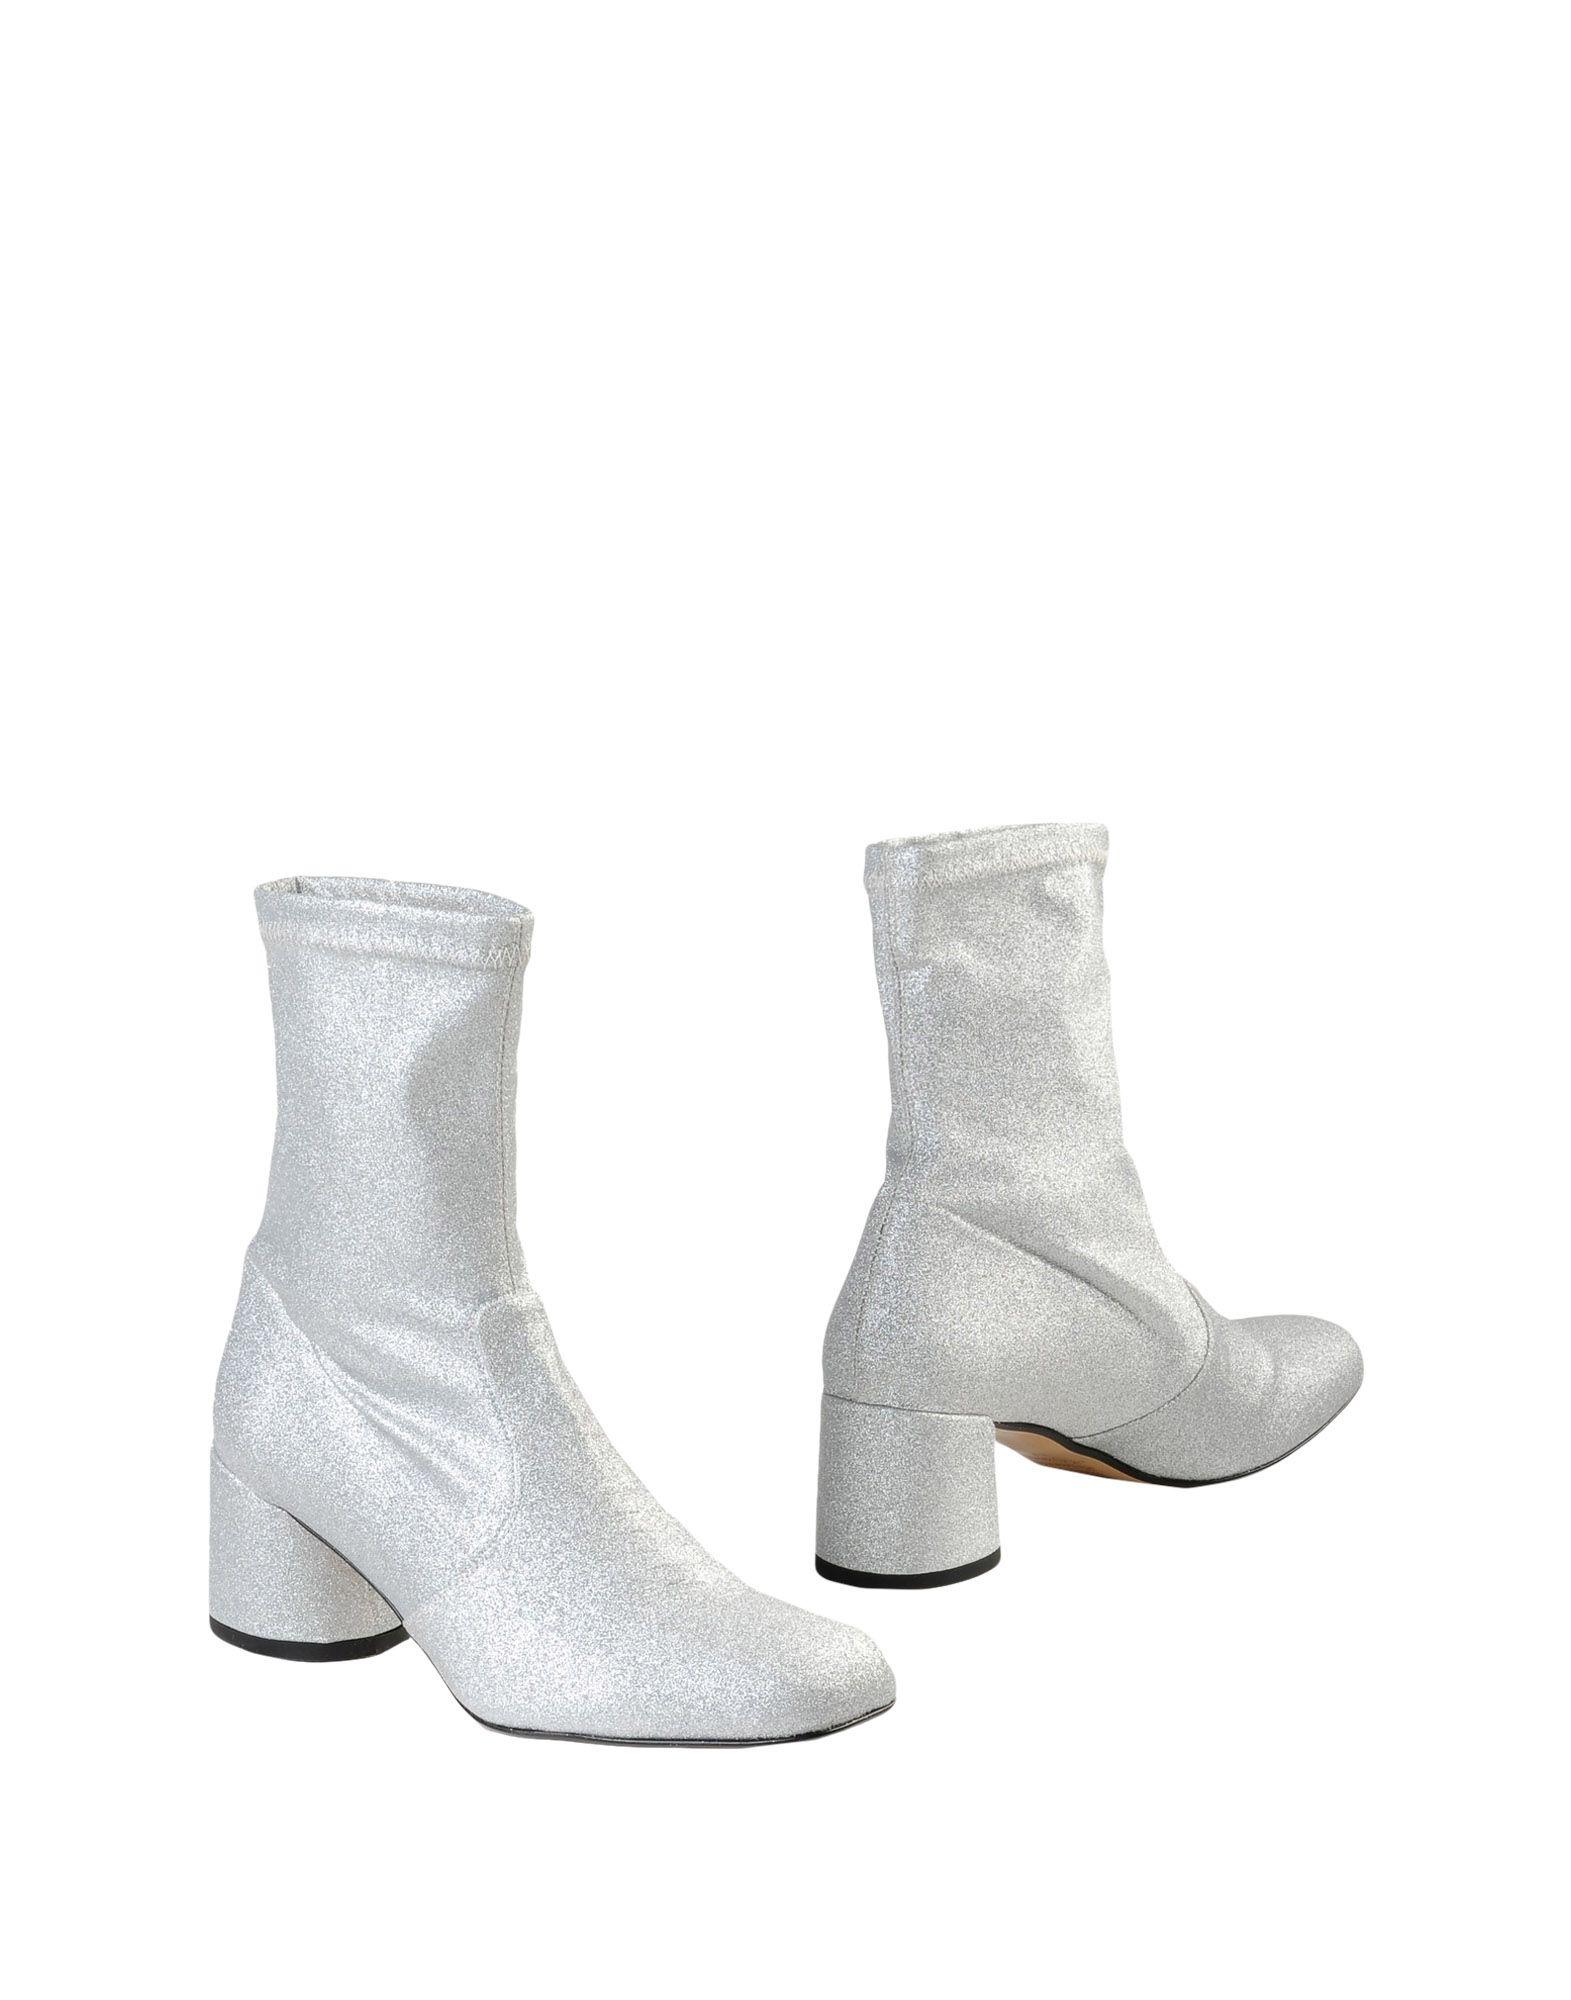 George J. Love Stiefelette Damen  11537660JW Neue Schuhe